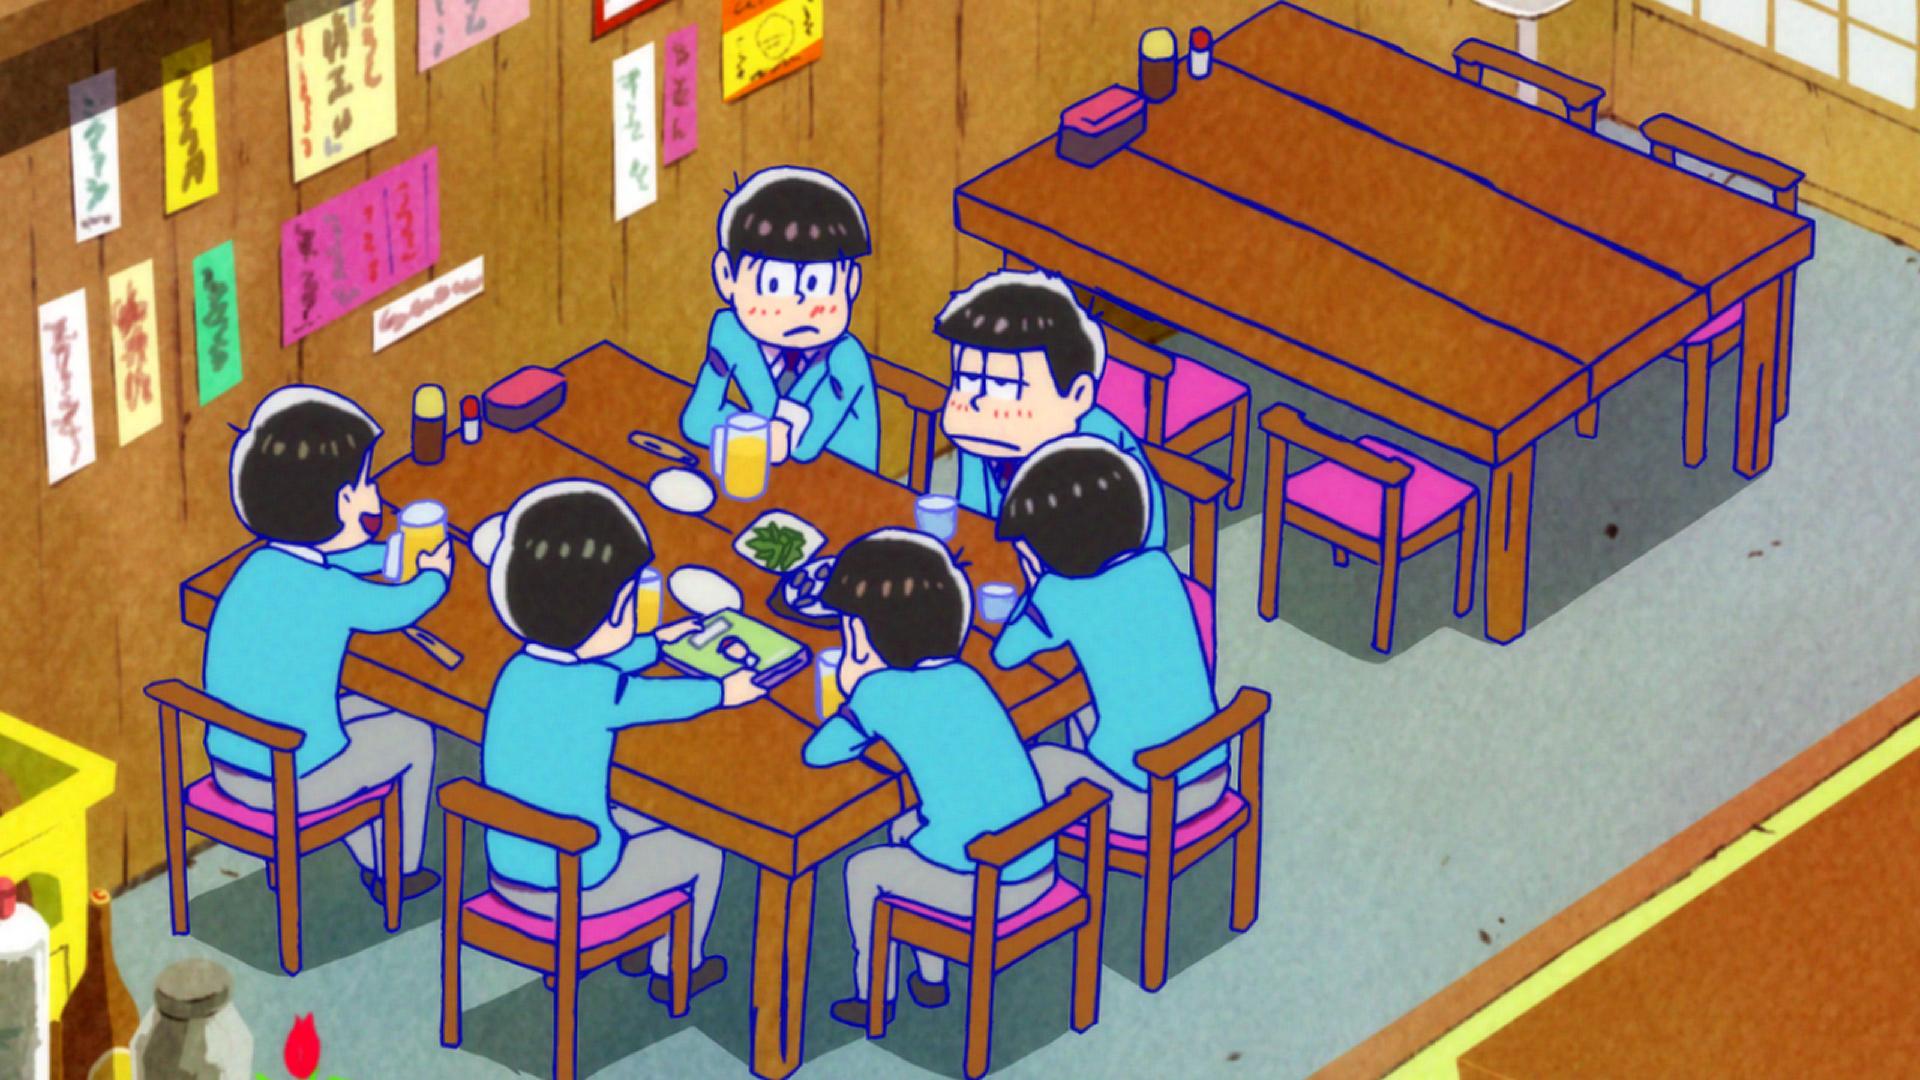 アニメ おそ松さん 居酒屋シーンを再現 東京 池袋に さが松り